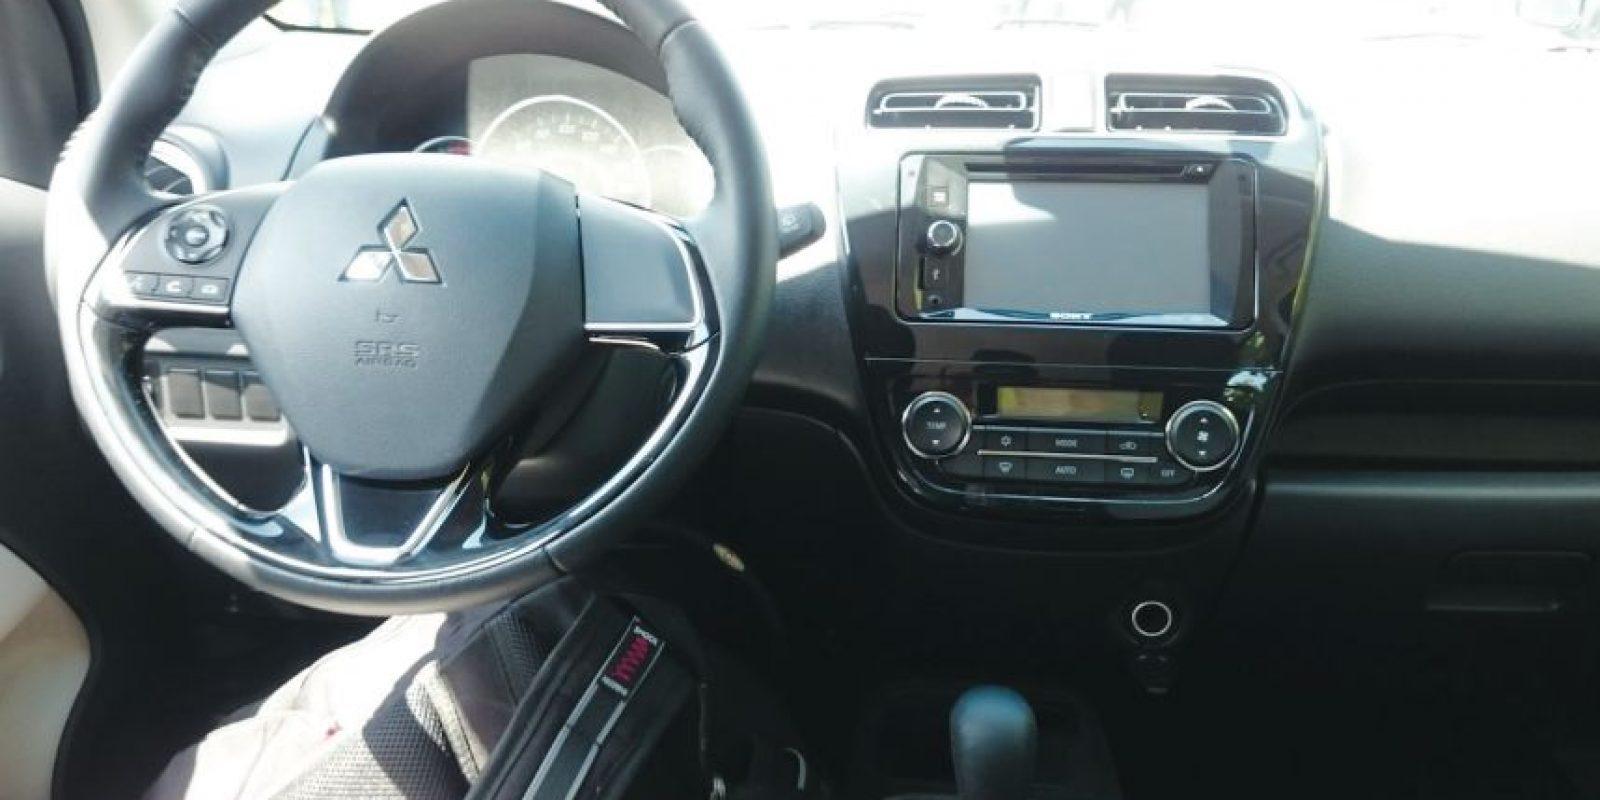 Los controles al volante facilitan el acceso a su sistema multimedia. Foto:Mario Cañas